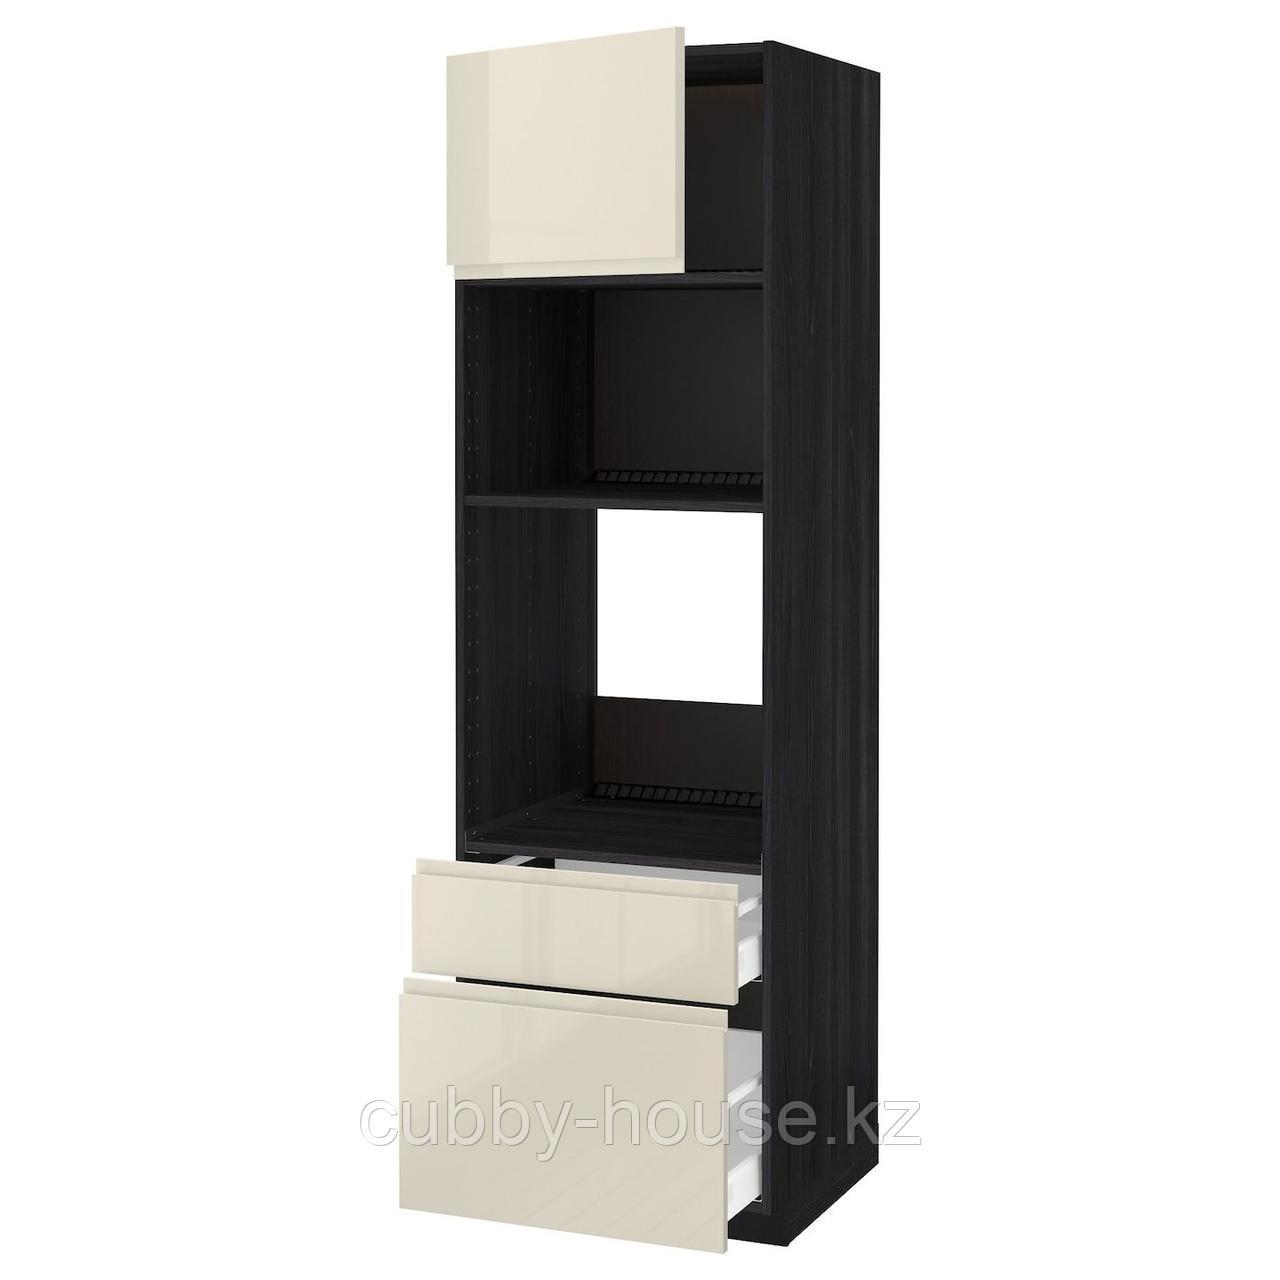 МЕТОД / МАКСИМЕРА Высок шкаф д/духовки/СВЧ/дверца/2ящ, белый, Будбин серый, 60x60x240 см